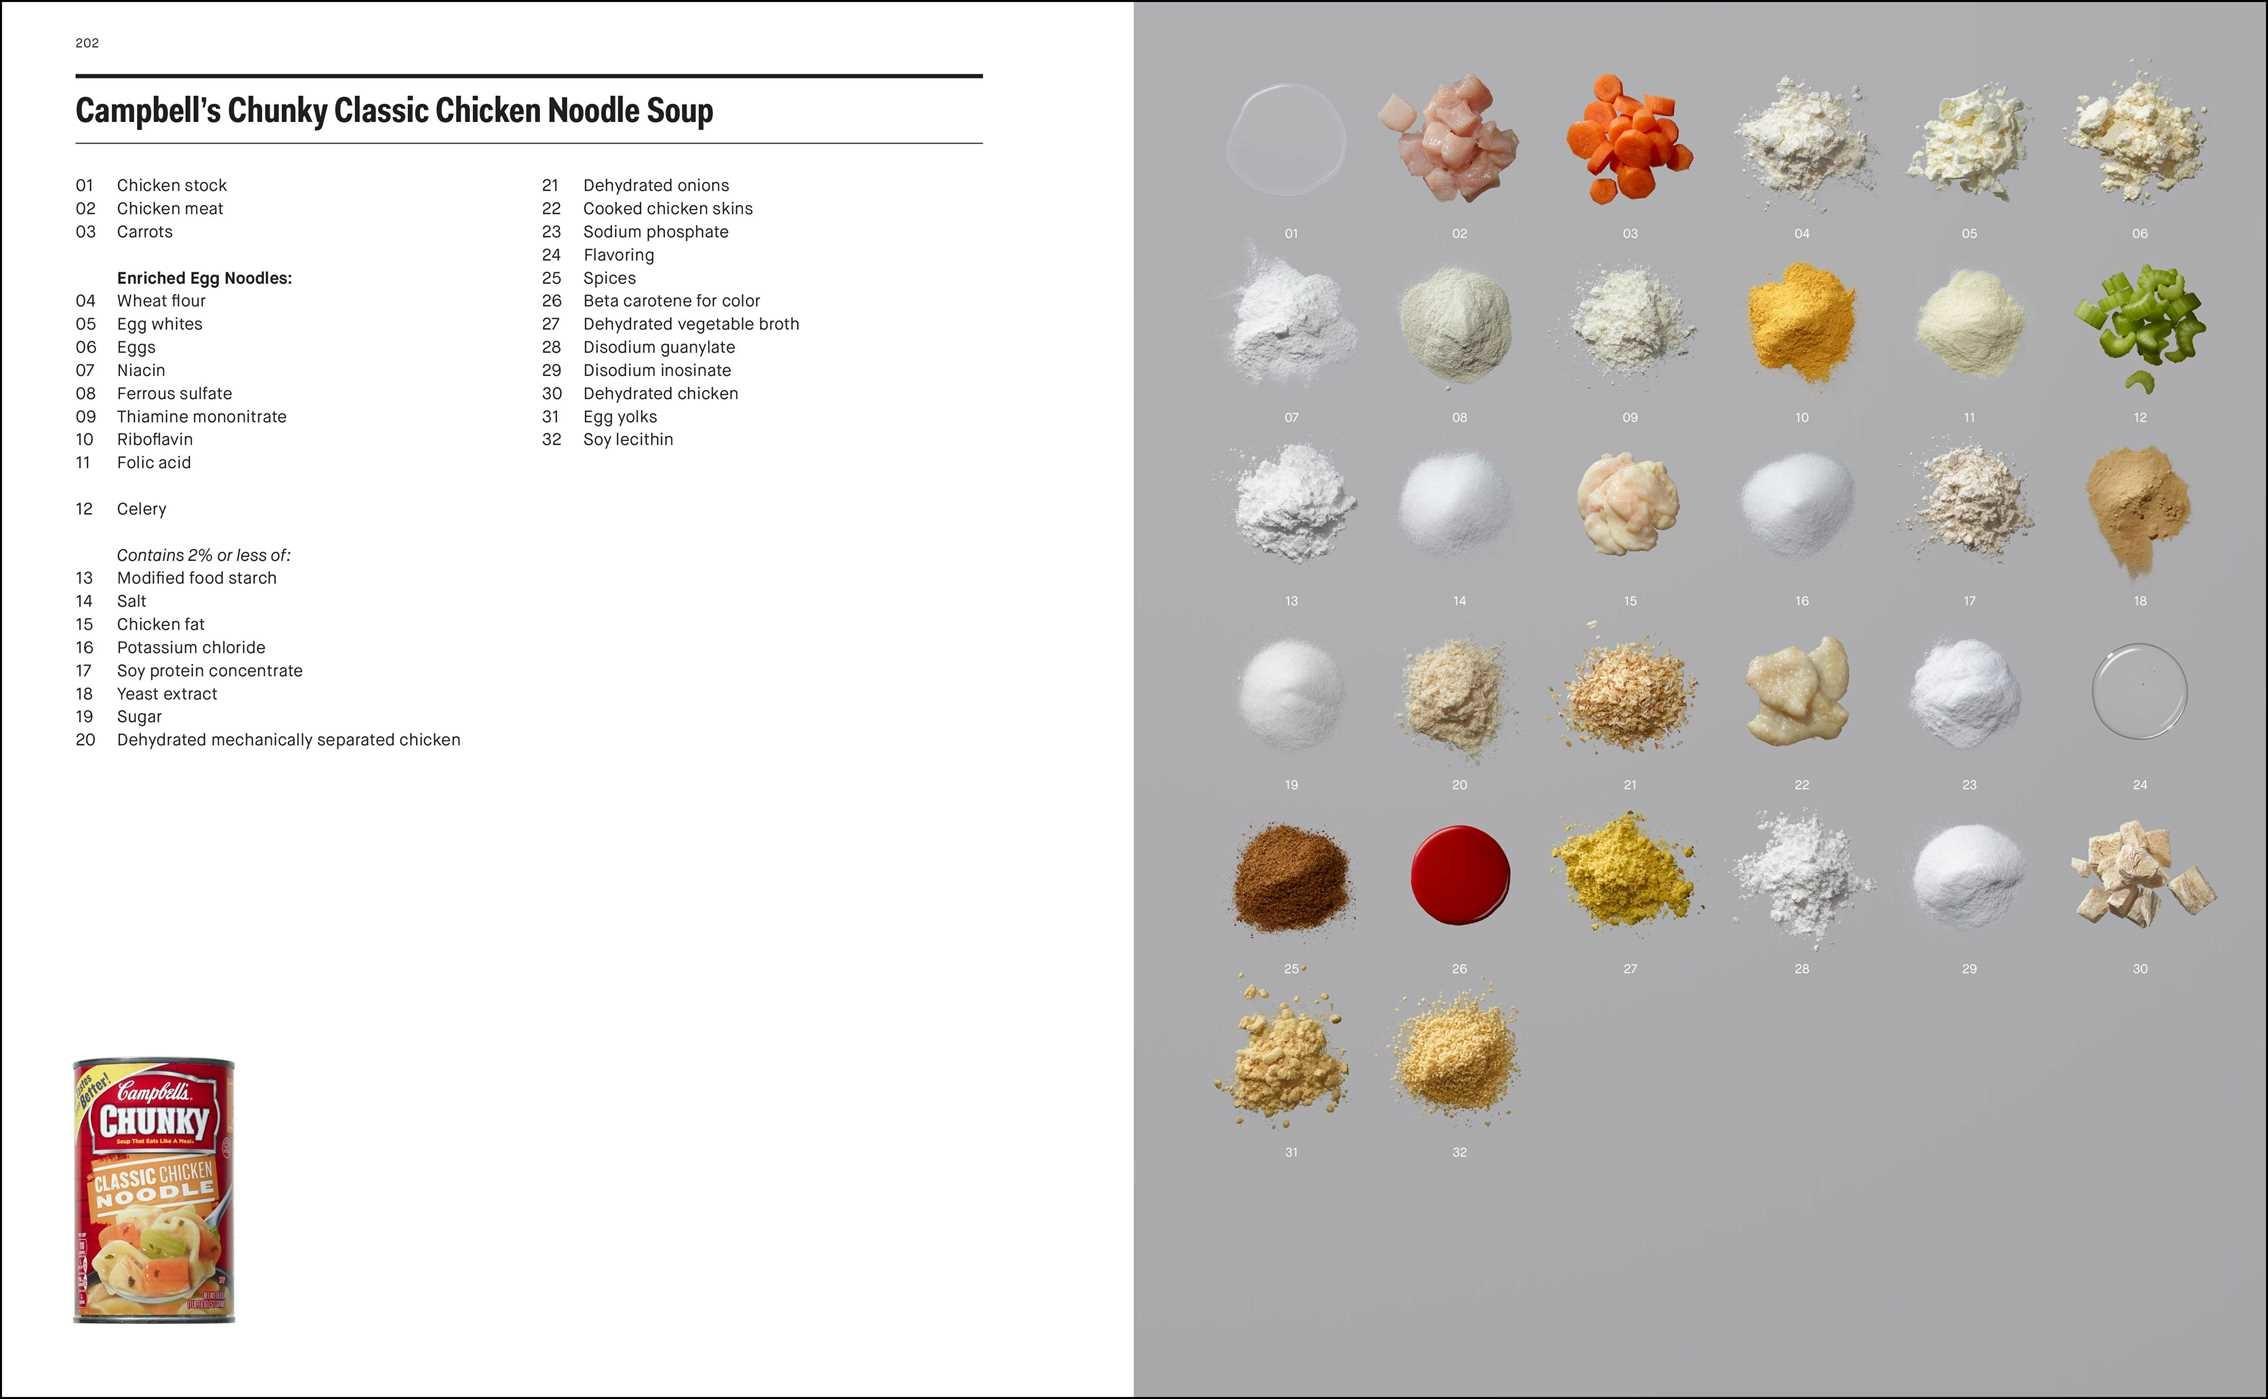 Ingredients 9781941393314.in04